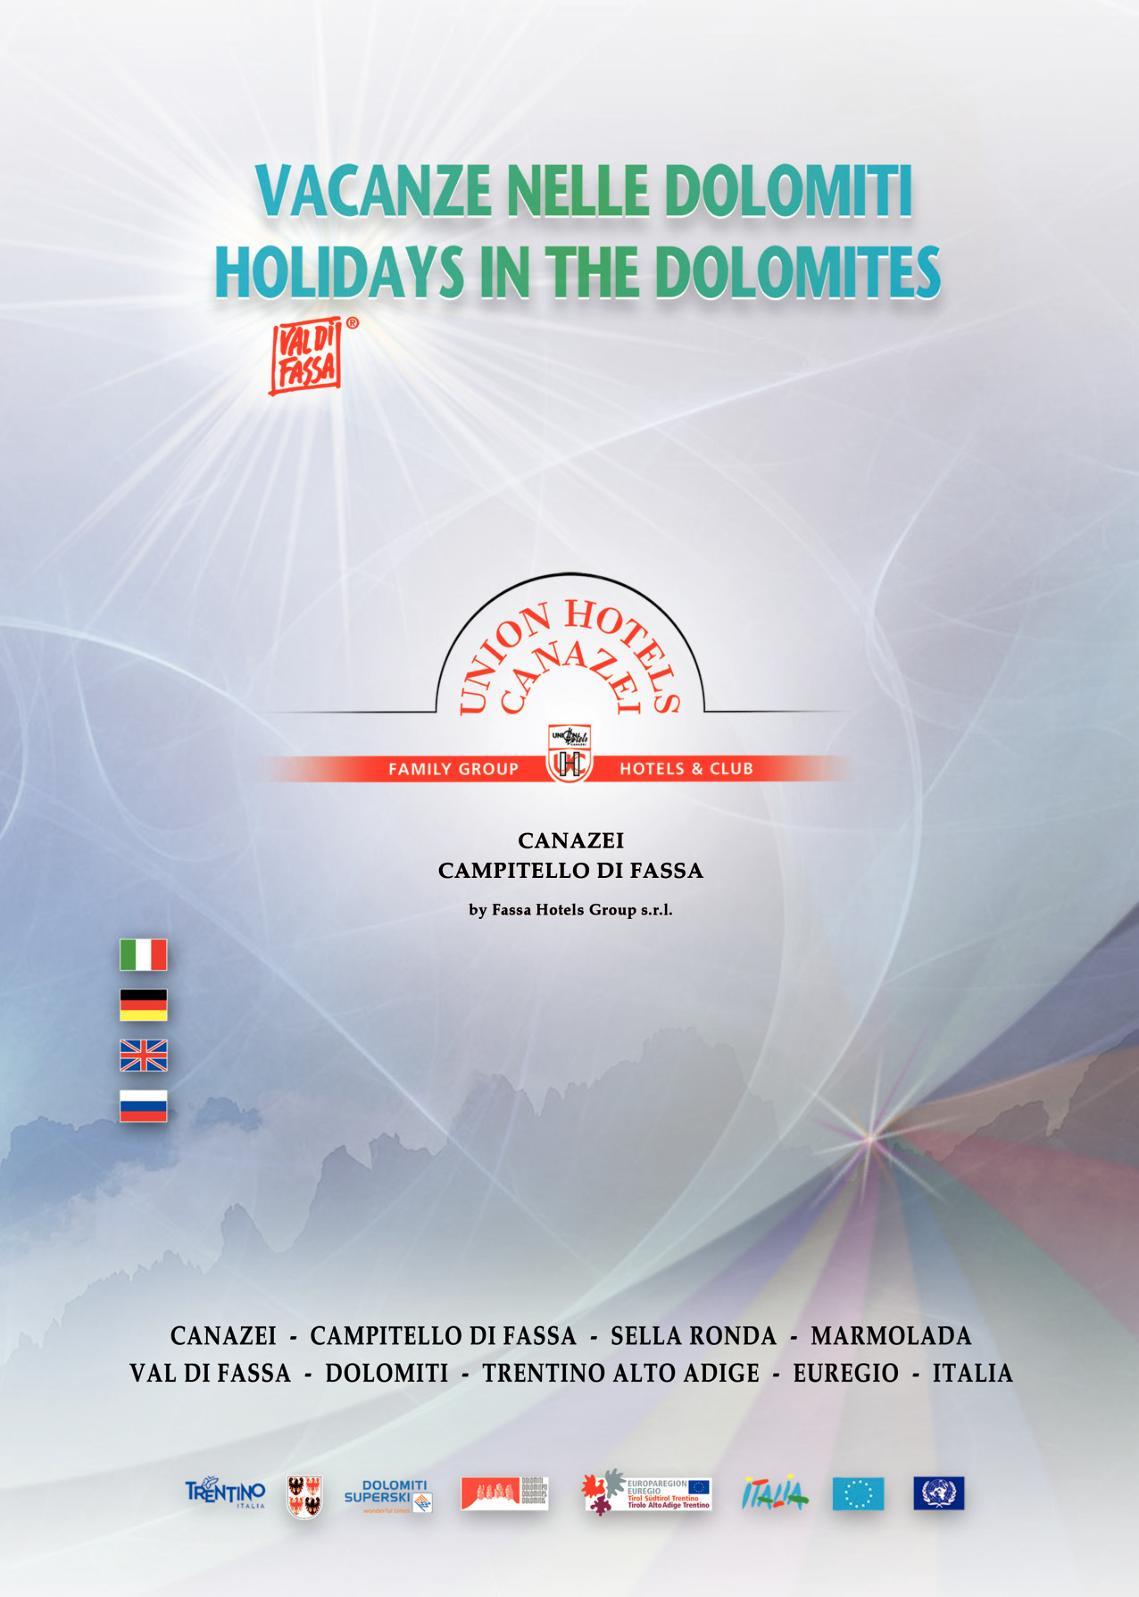 Calaméo - Vacanze nelle Dolomiti